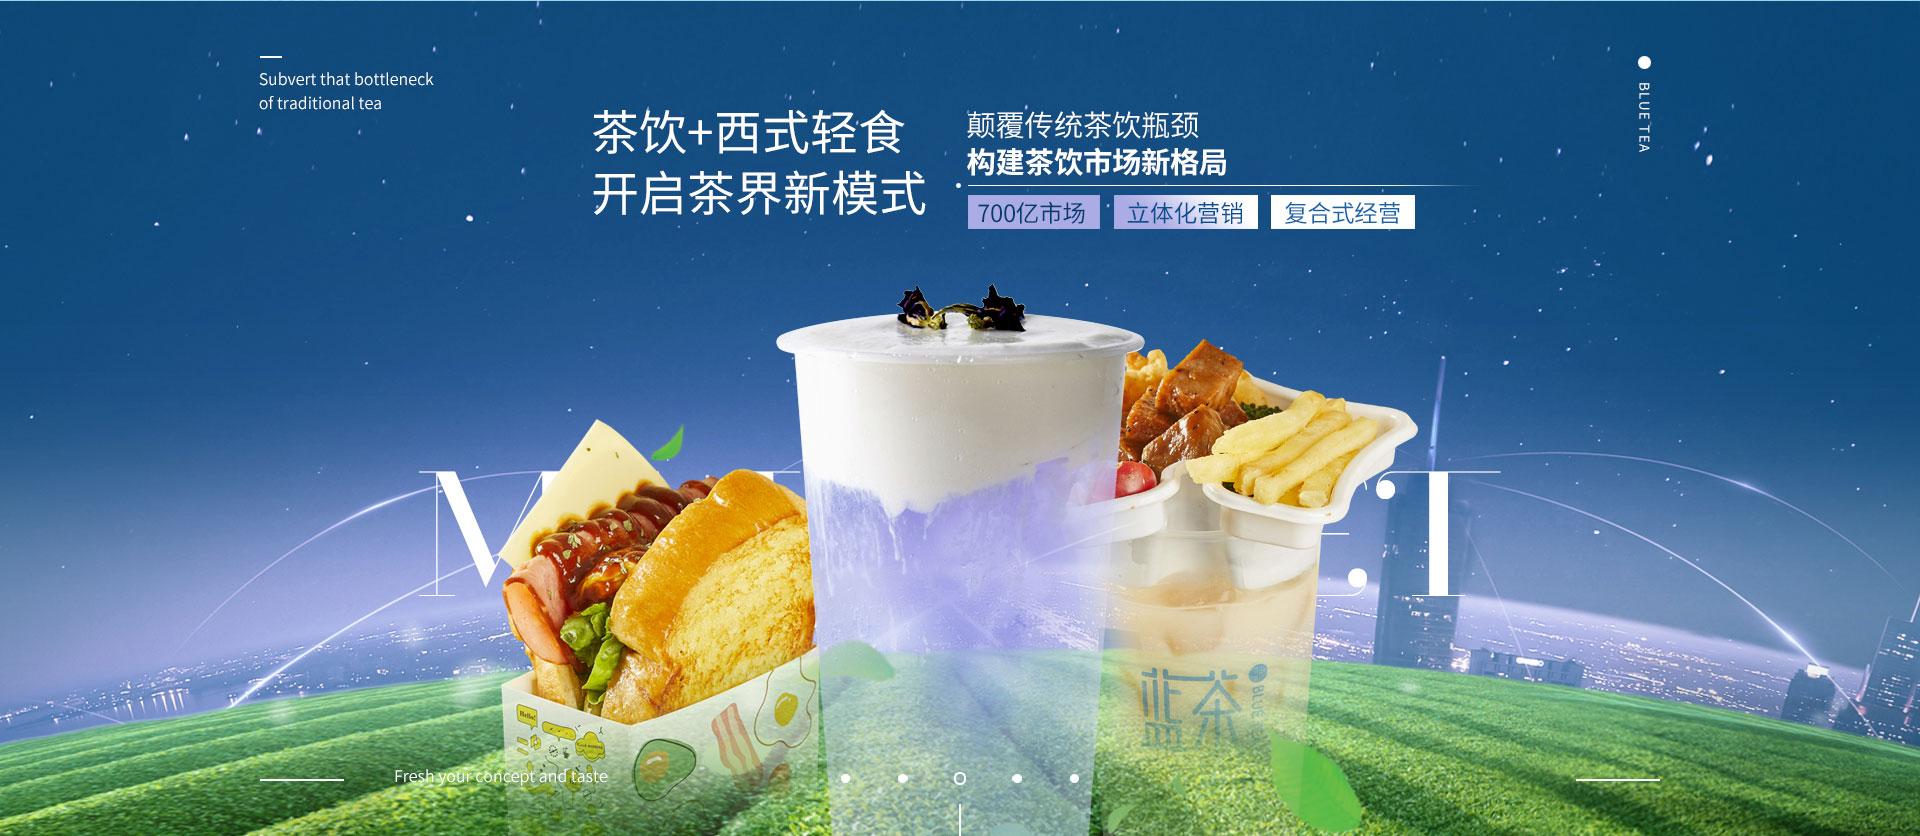 蓝茶茶饮创业项目_昌启餐饮奶茶加盟